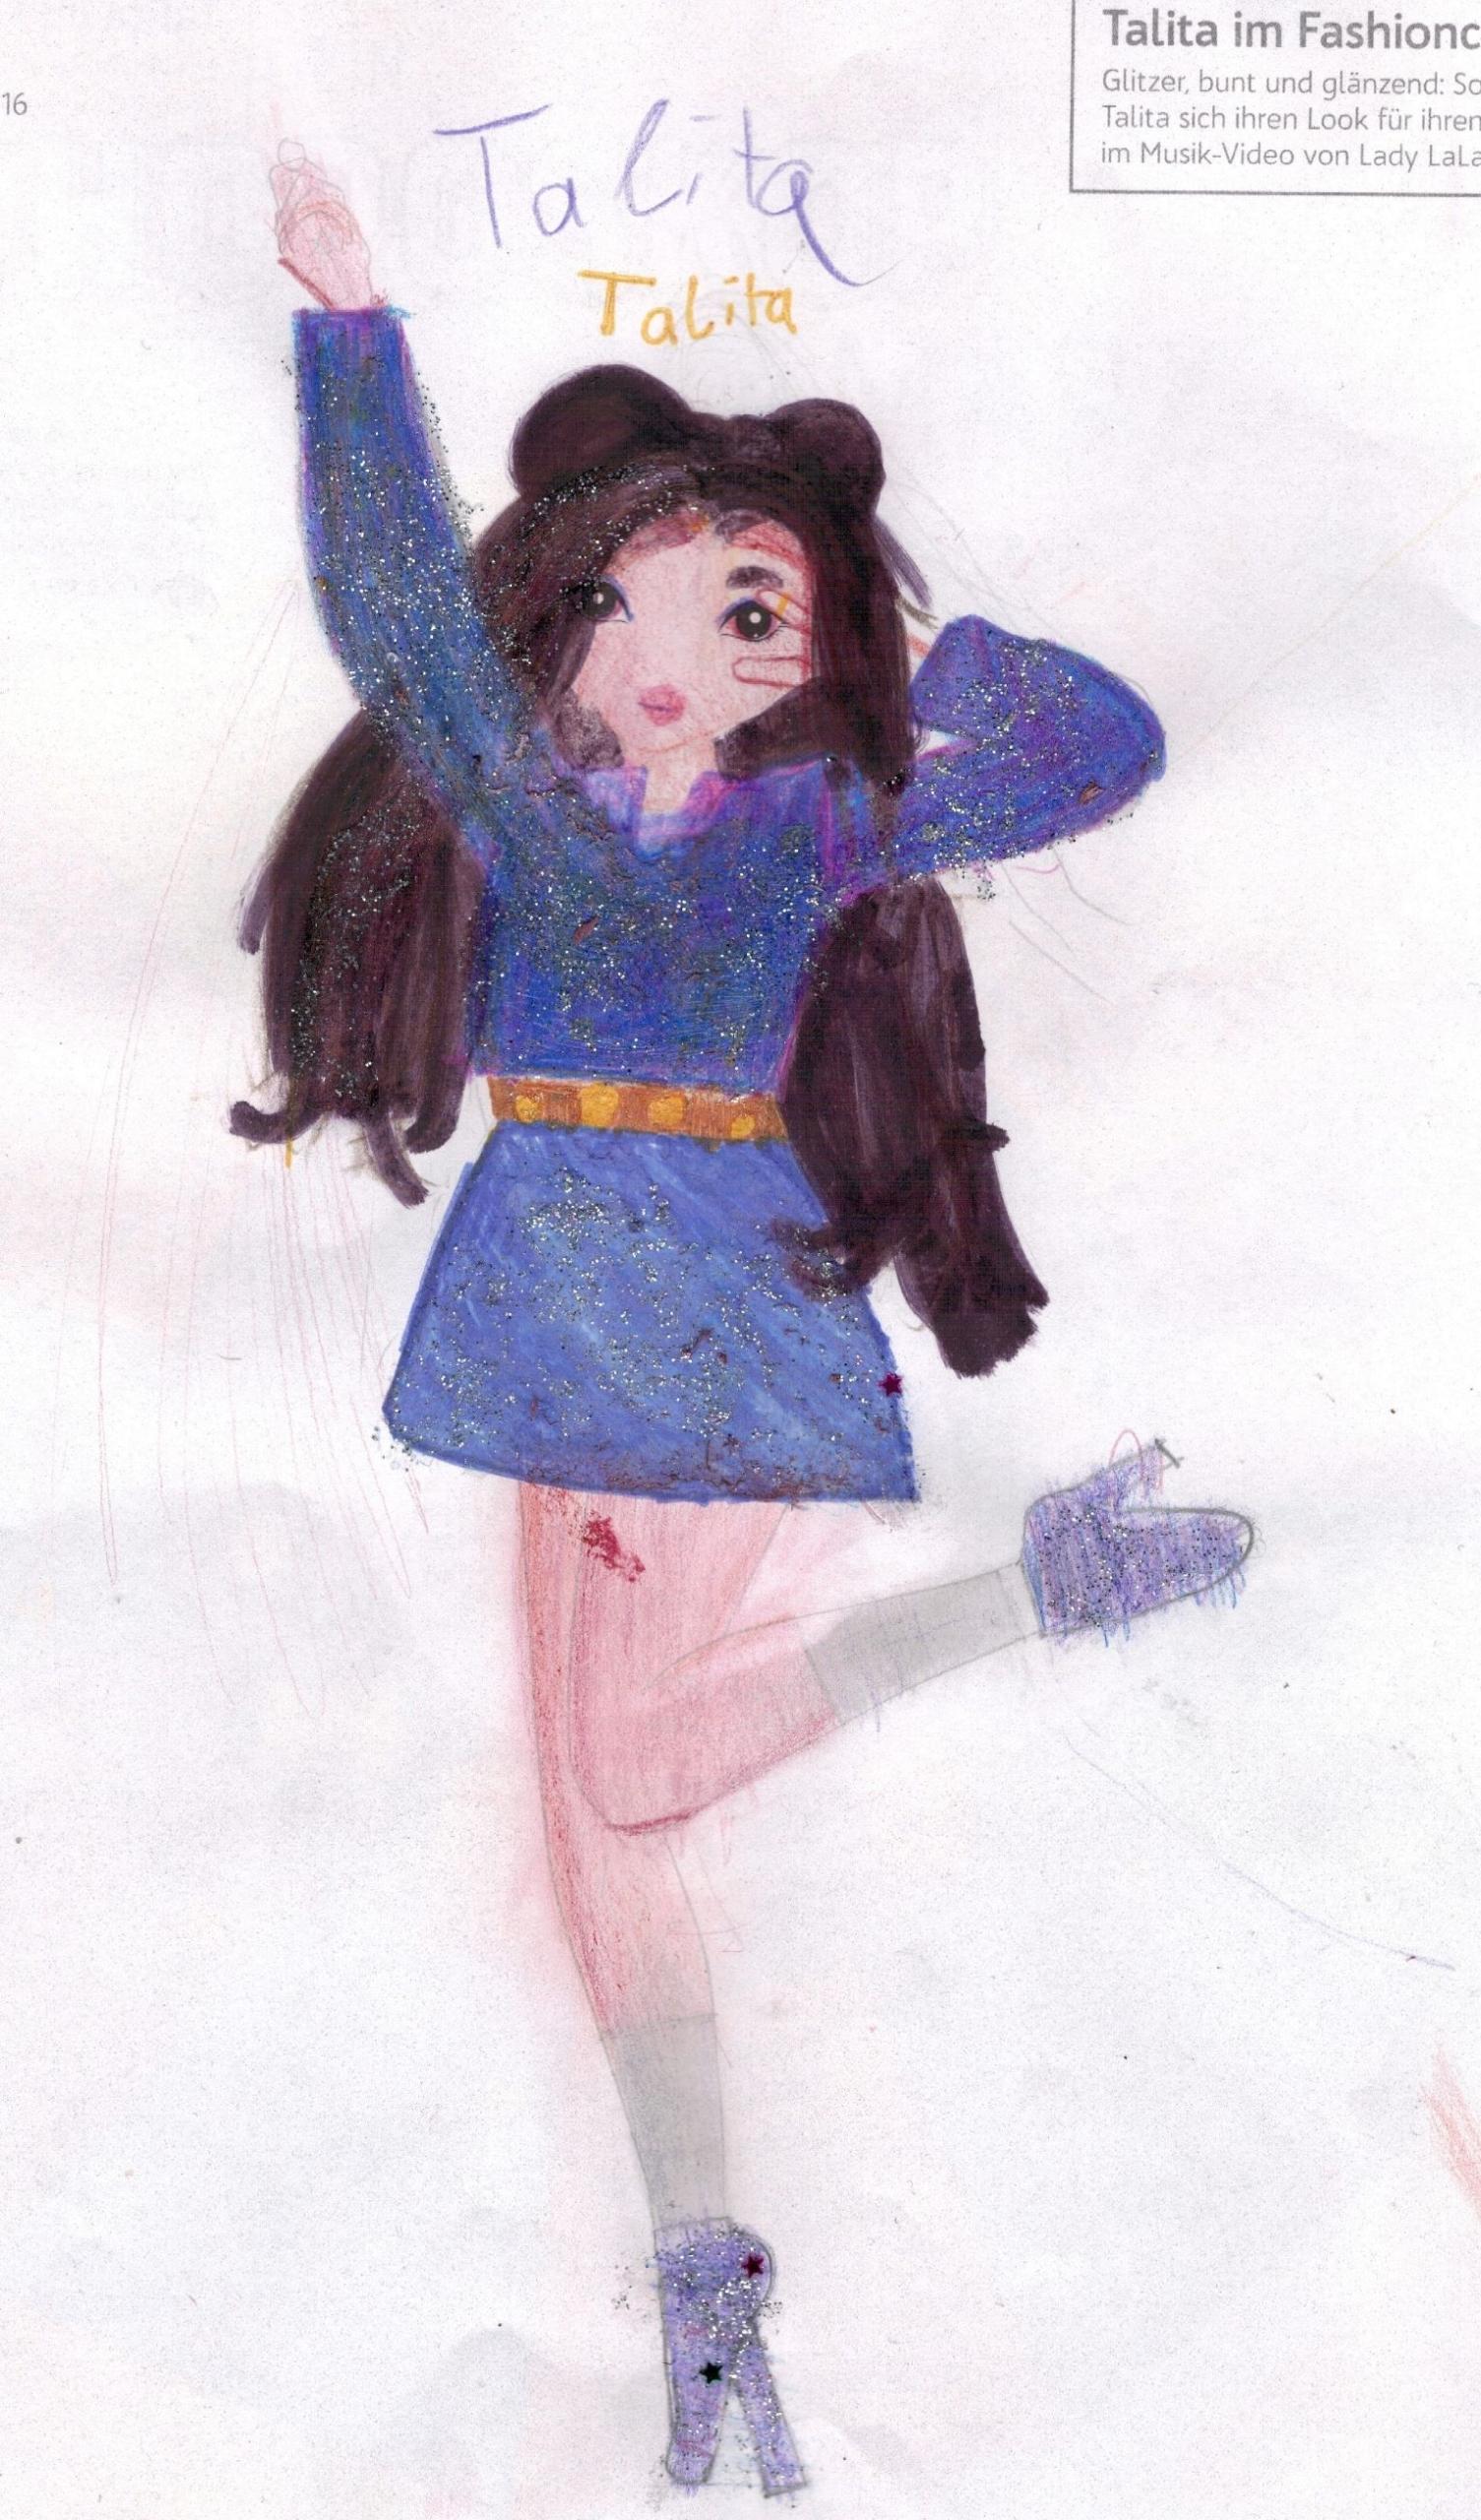 Katharina S., 9 Jahre, aus Köln